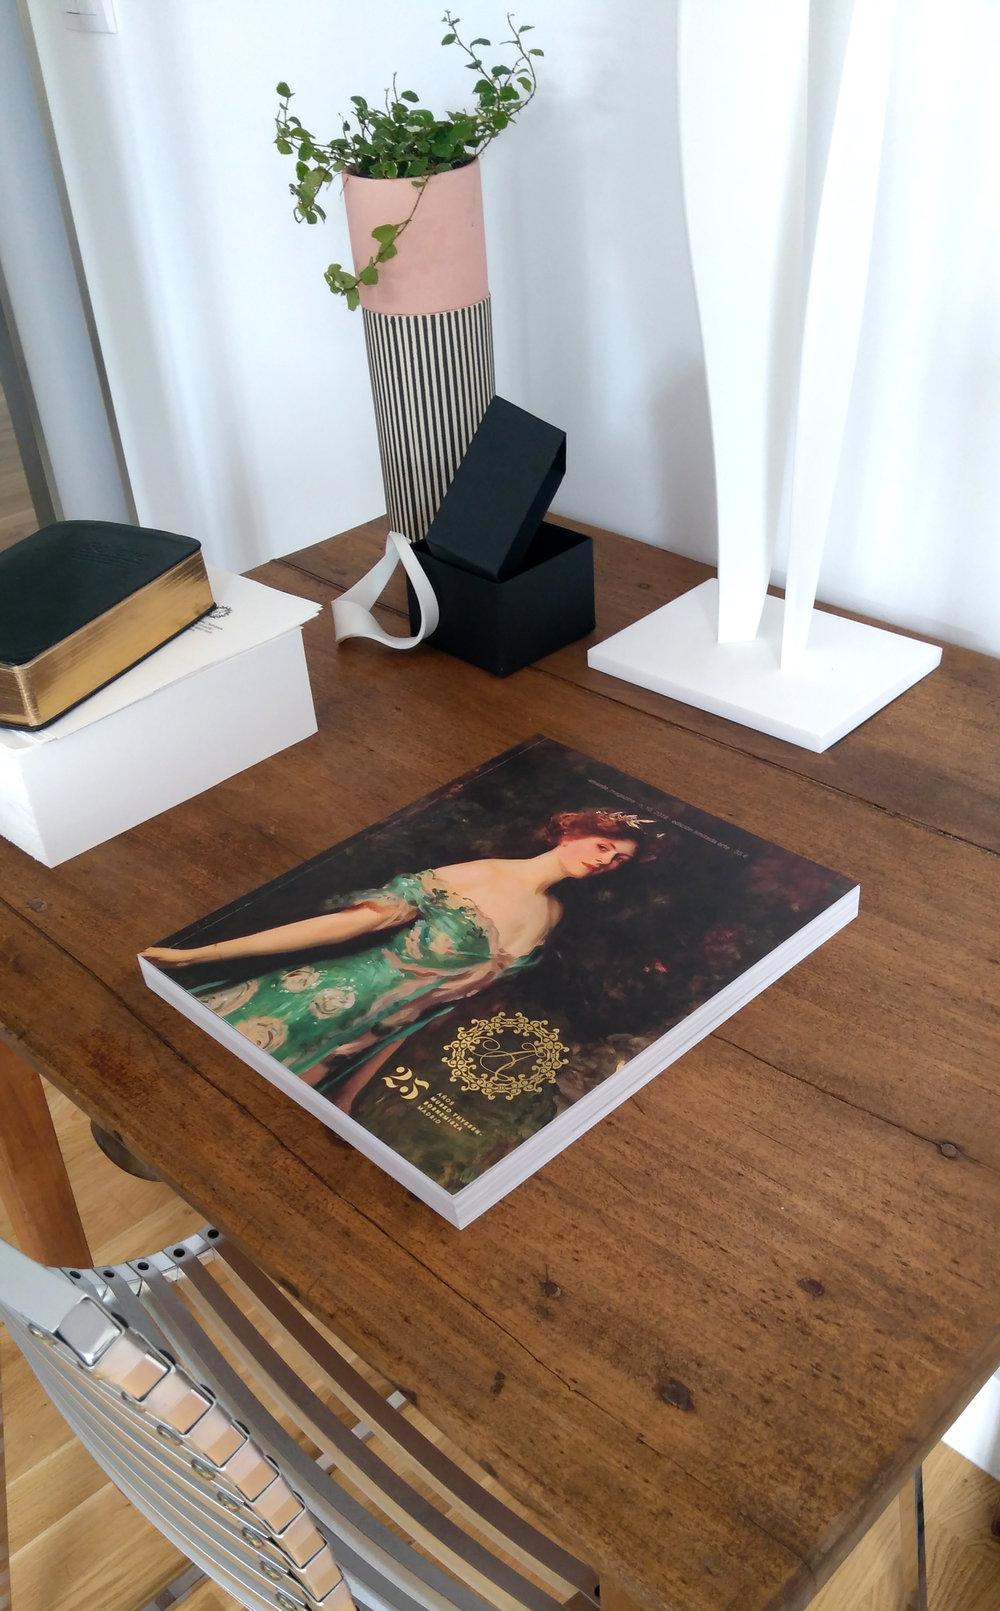 Contemporáneo Diseño De La Cocina Nyc Imagen - Como Decorar la ...